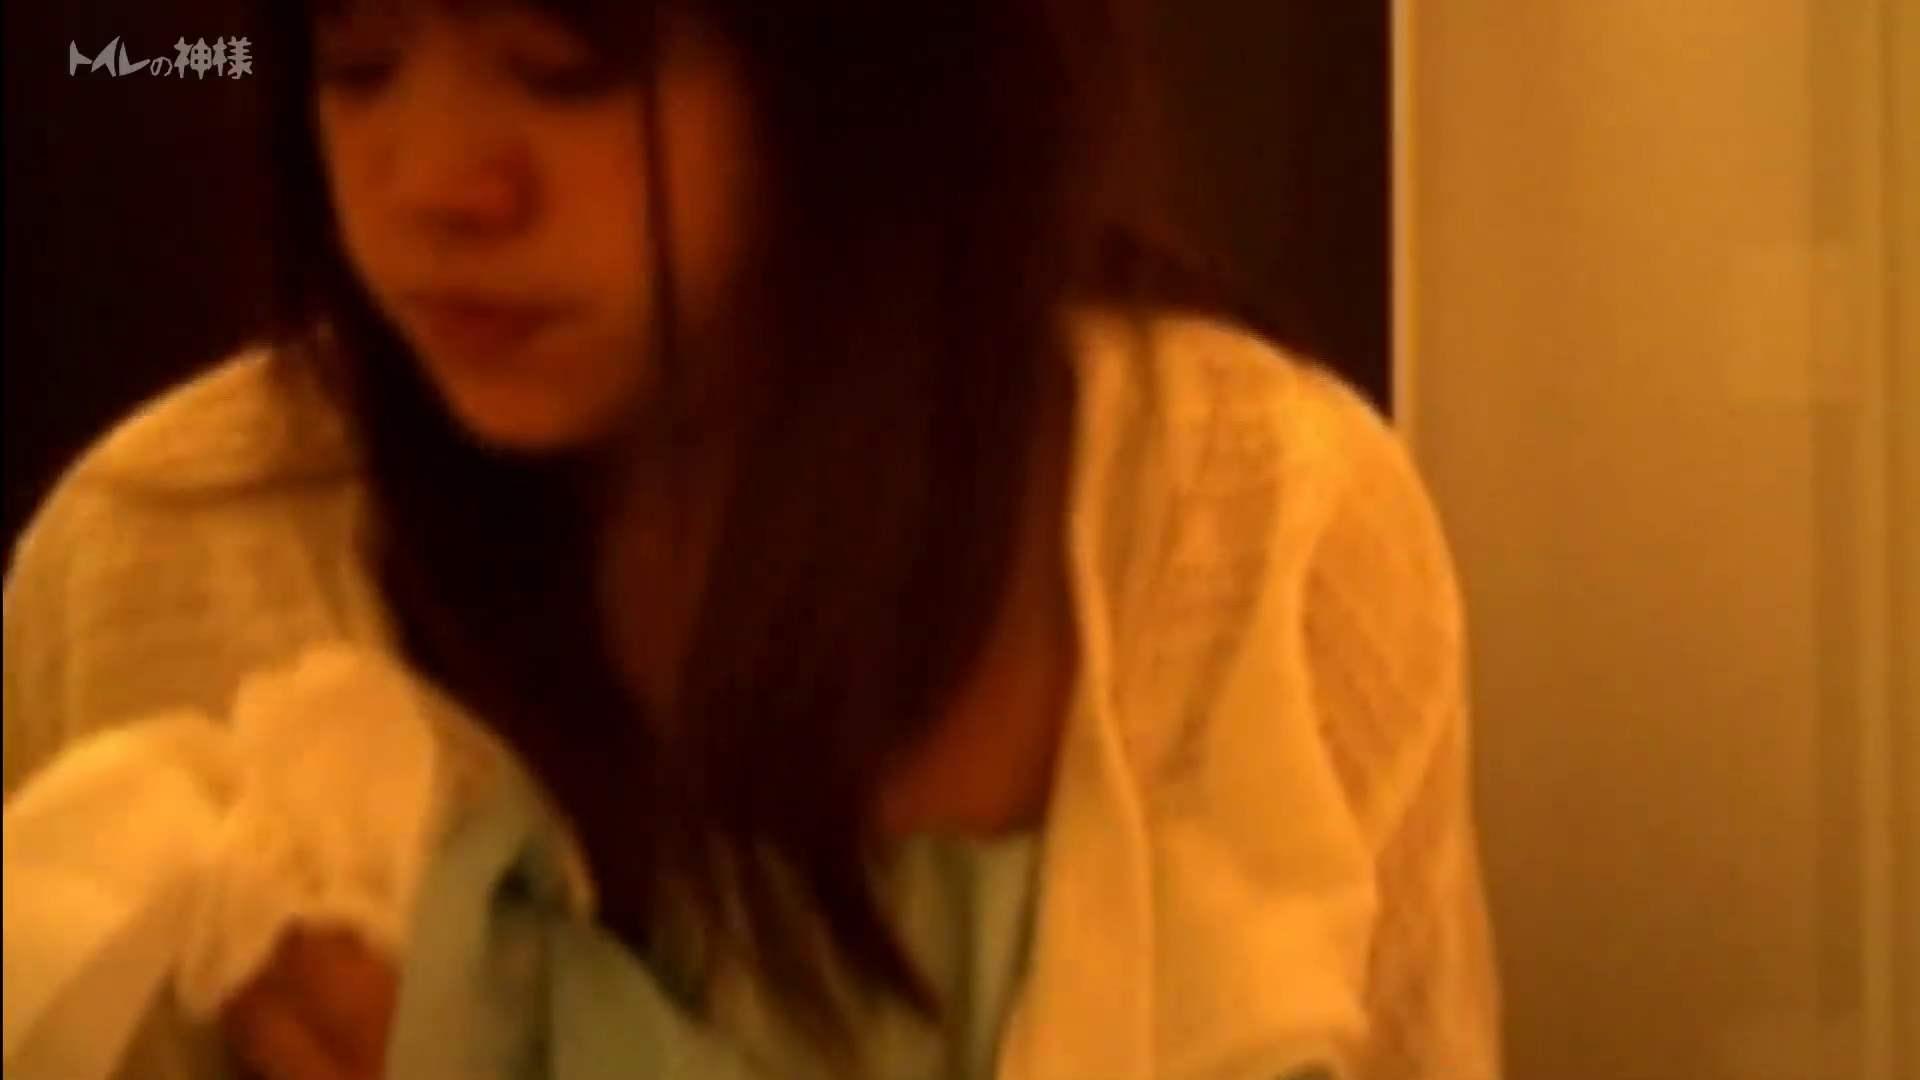 トイレの神様 Vol.03 彼女のうんち隠し撮り 盛合せ アダルト動画キャプチャ 111枚 88